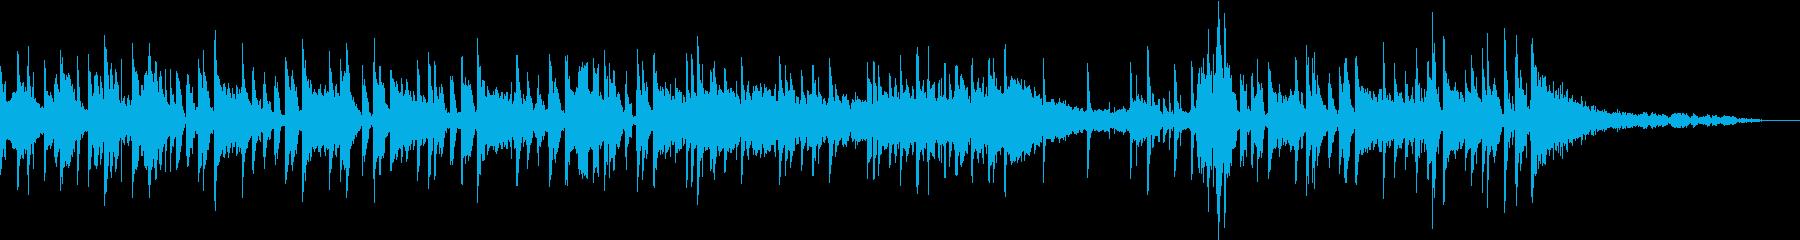 ブルース 実験的 ロック ポストロ...の再生済みの波形